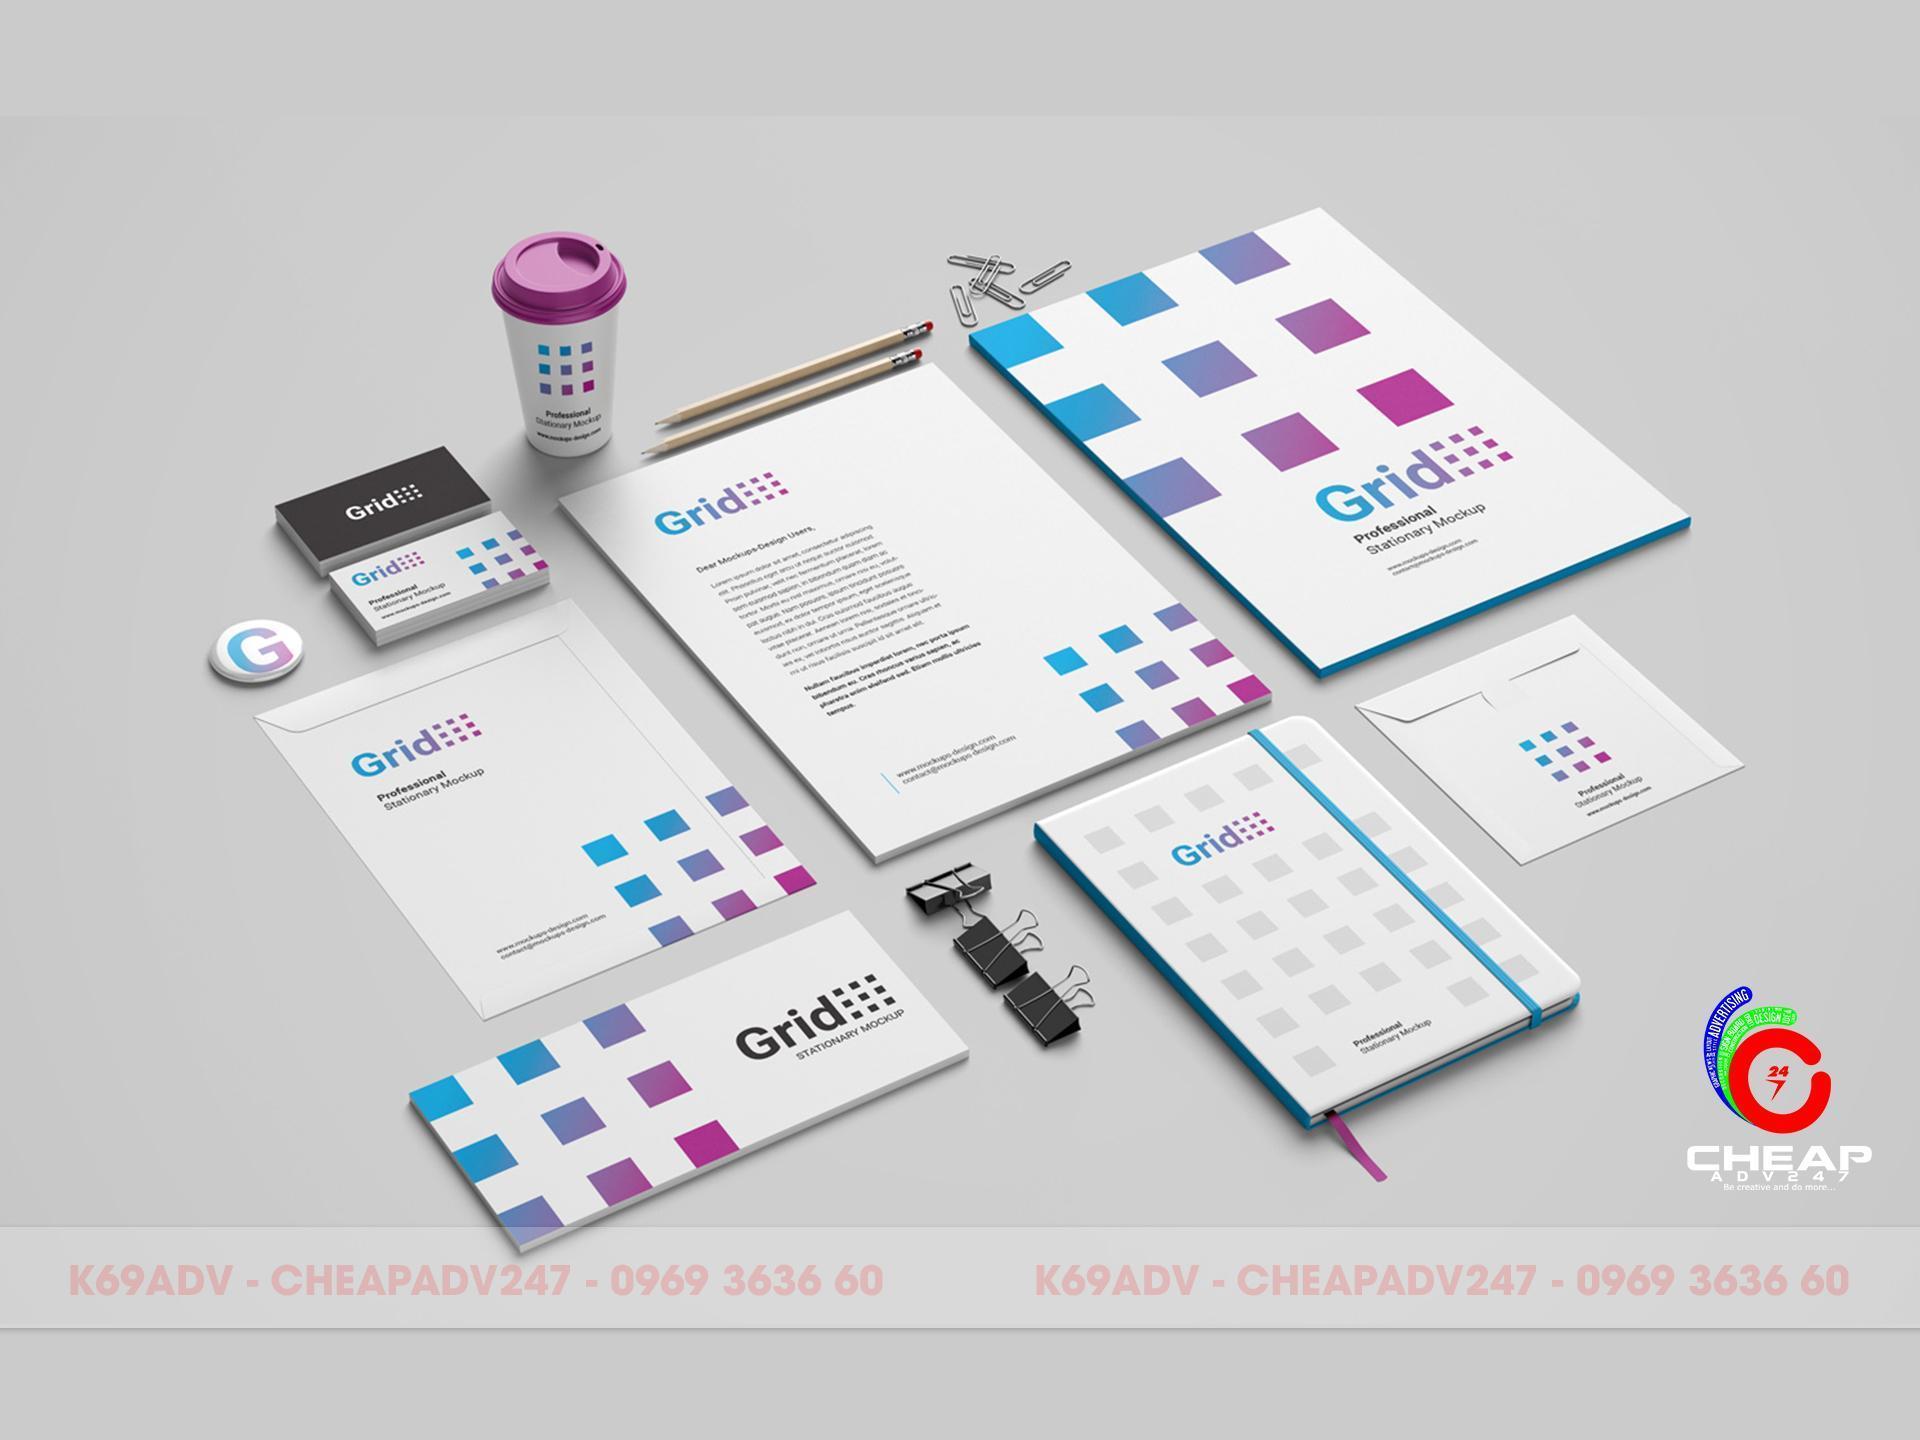 Xin được giới thiệu bài viết báo giá thiết kế bộ nhận diện thương hiệu tại cheapadv247